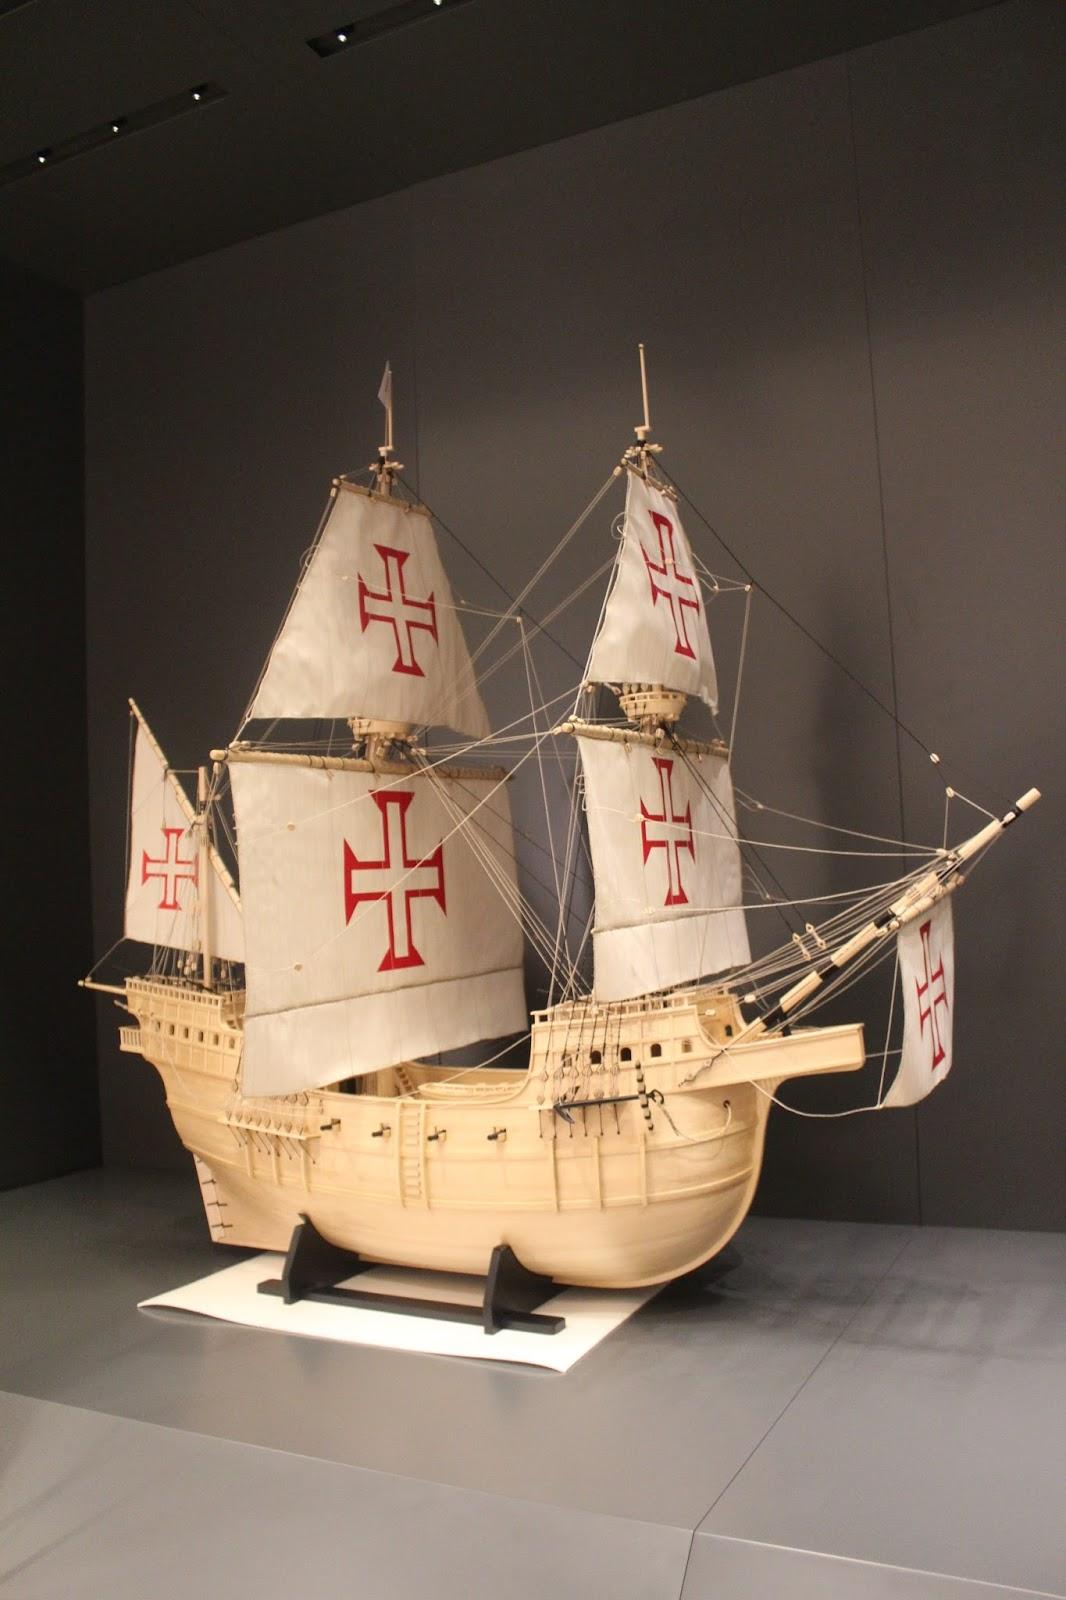 Ománi Nemzeti Múzeum Muscat 4